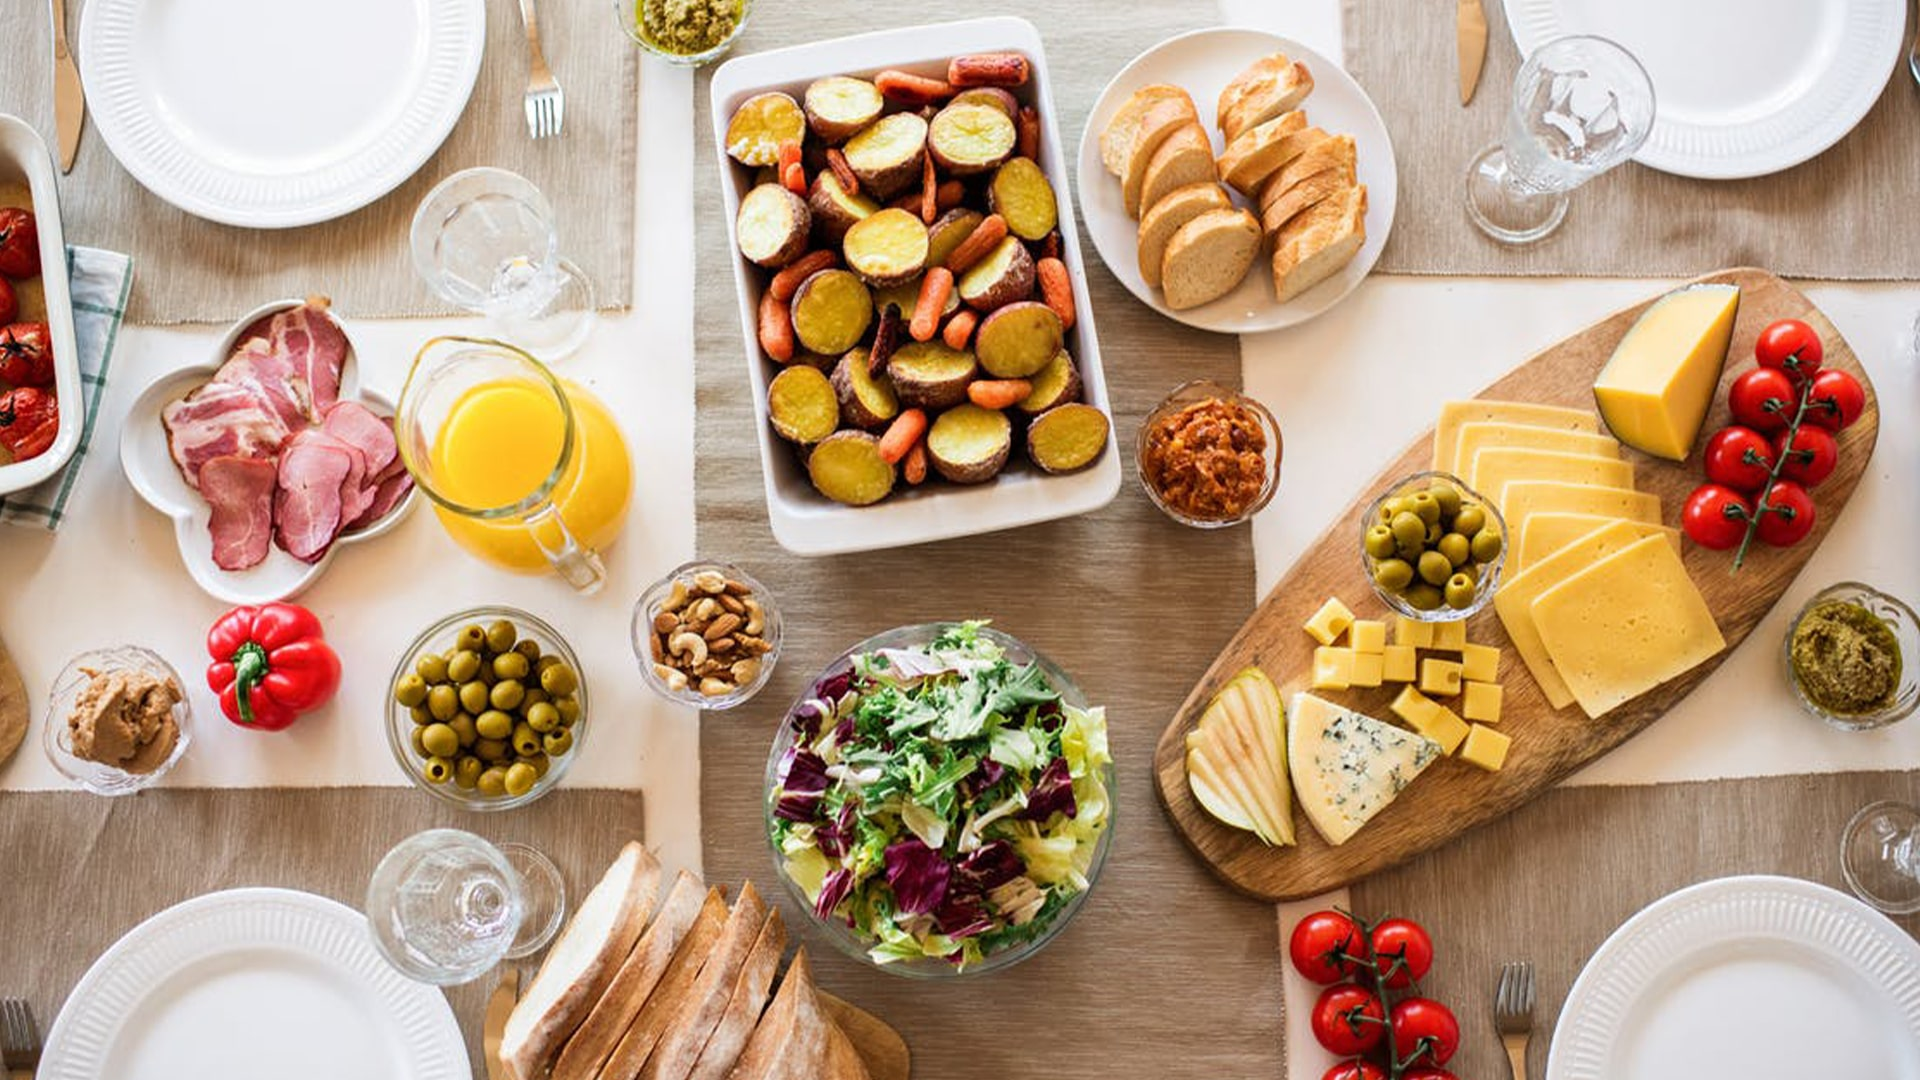 Správny výber potravín ako kľúčový aspekt zdravia